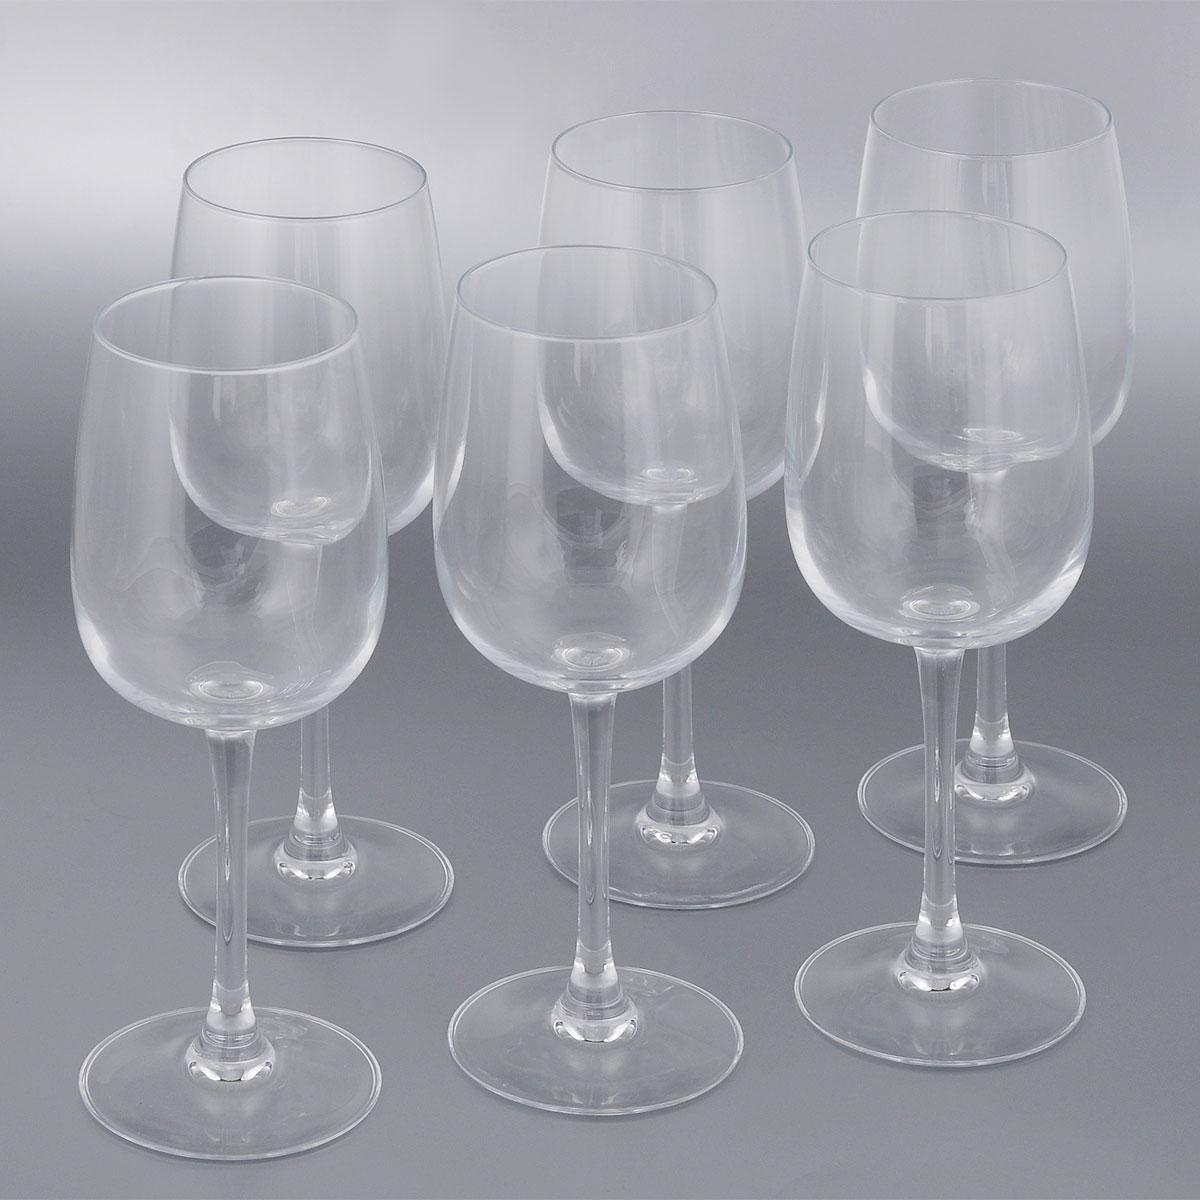 Набор фужеров для вина Luminarc Allegresse, 300 мл, 6 штJ8164Набор Luminarc Allegresse состоит из шести классических фужеров, выполненных из прочного стекла. Изделия оснащены высокими ножками и предназначены для подачи вина. Они сочетают в себе элегантный дизайн и функциональность. Благодаря такому набору пить напитки будет еще вкуснее.Набор фужеров Allegresse прекрасно оформит праздничный стол и создаст приятную атмосферу за романтическим ужином. Такой набор также станет хорошим подарком к любому случаю.Можно мыть в посудомоечной машине.Диаметр фужера (по верхнему краю): 6,1 см. Диаметр основания фужера: 8 см. Высота фужера: 20,6 см.